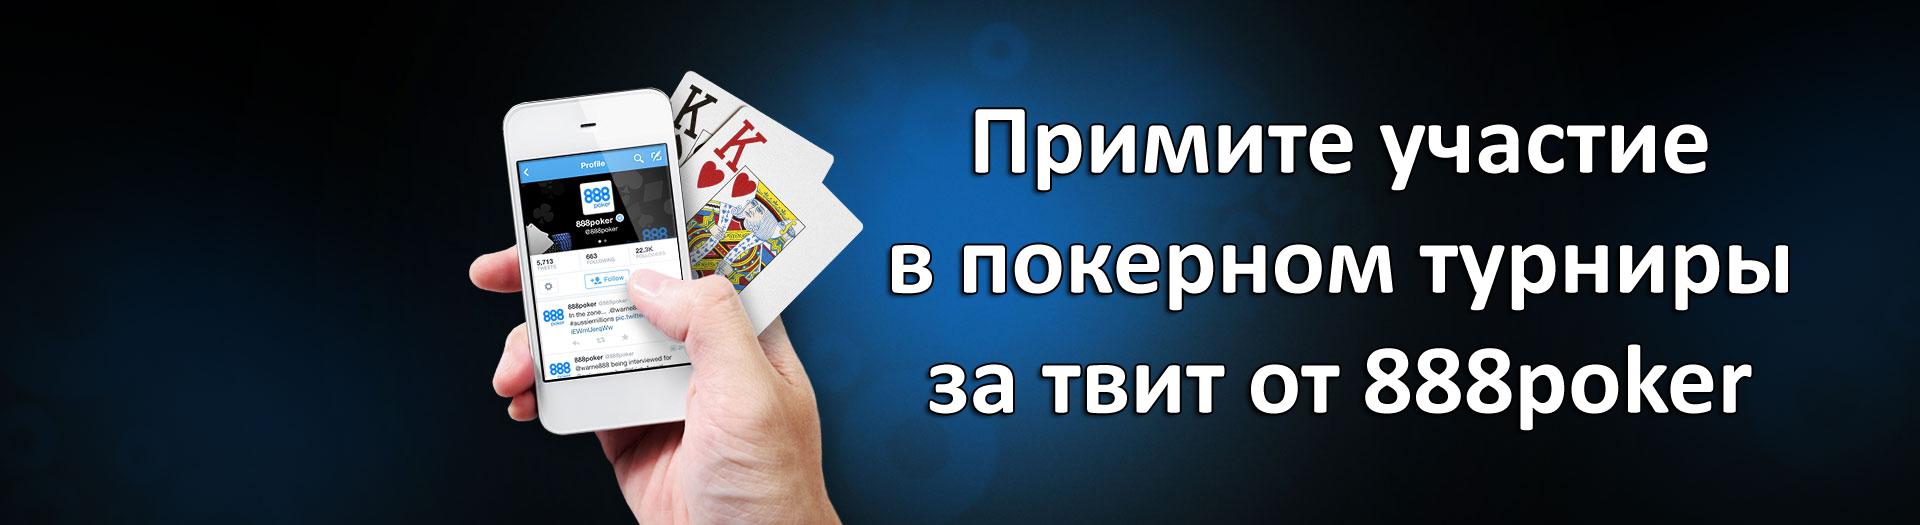 Примите участие в покерном турниры за твит от 888poker